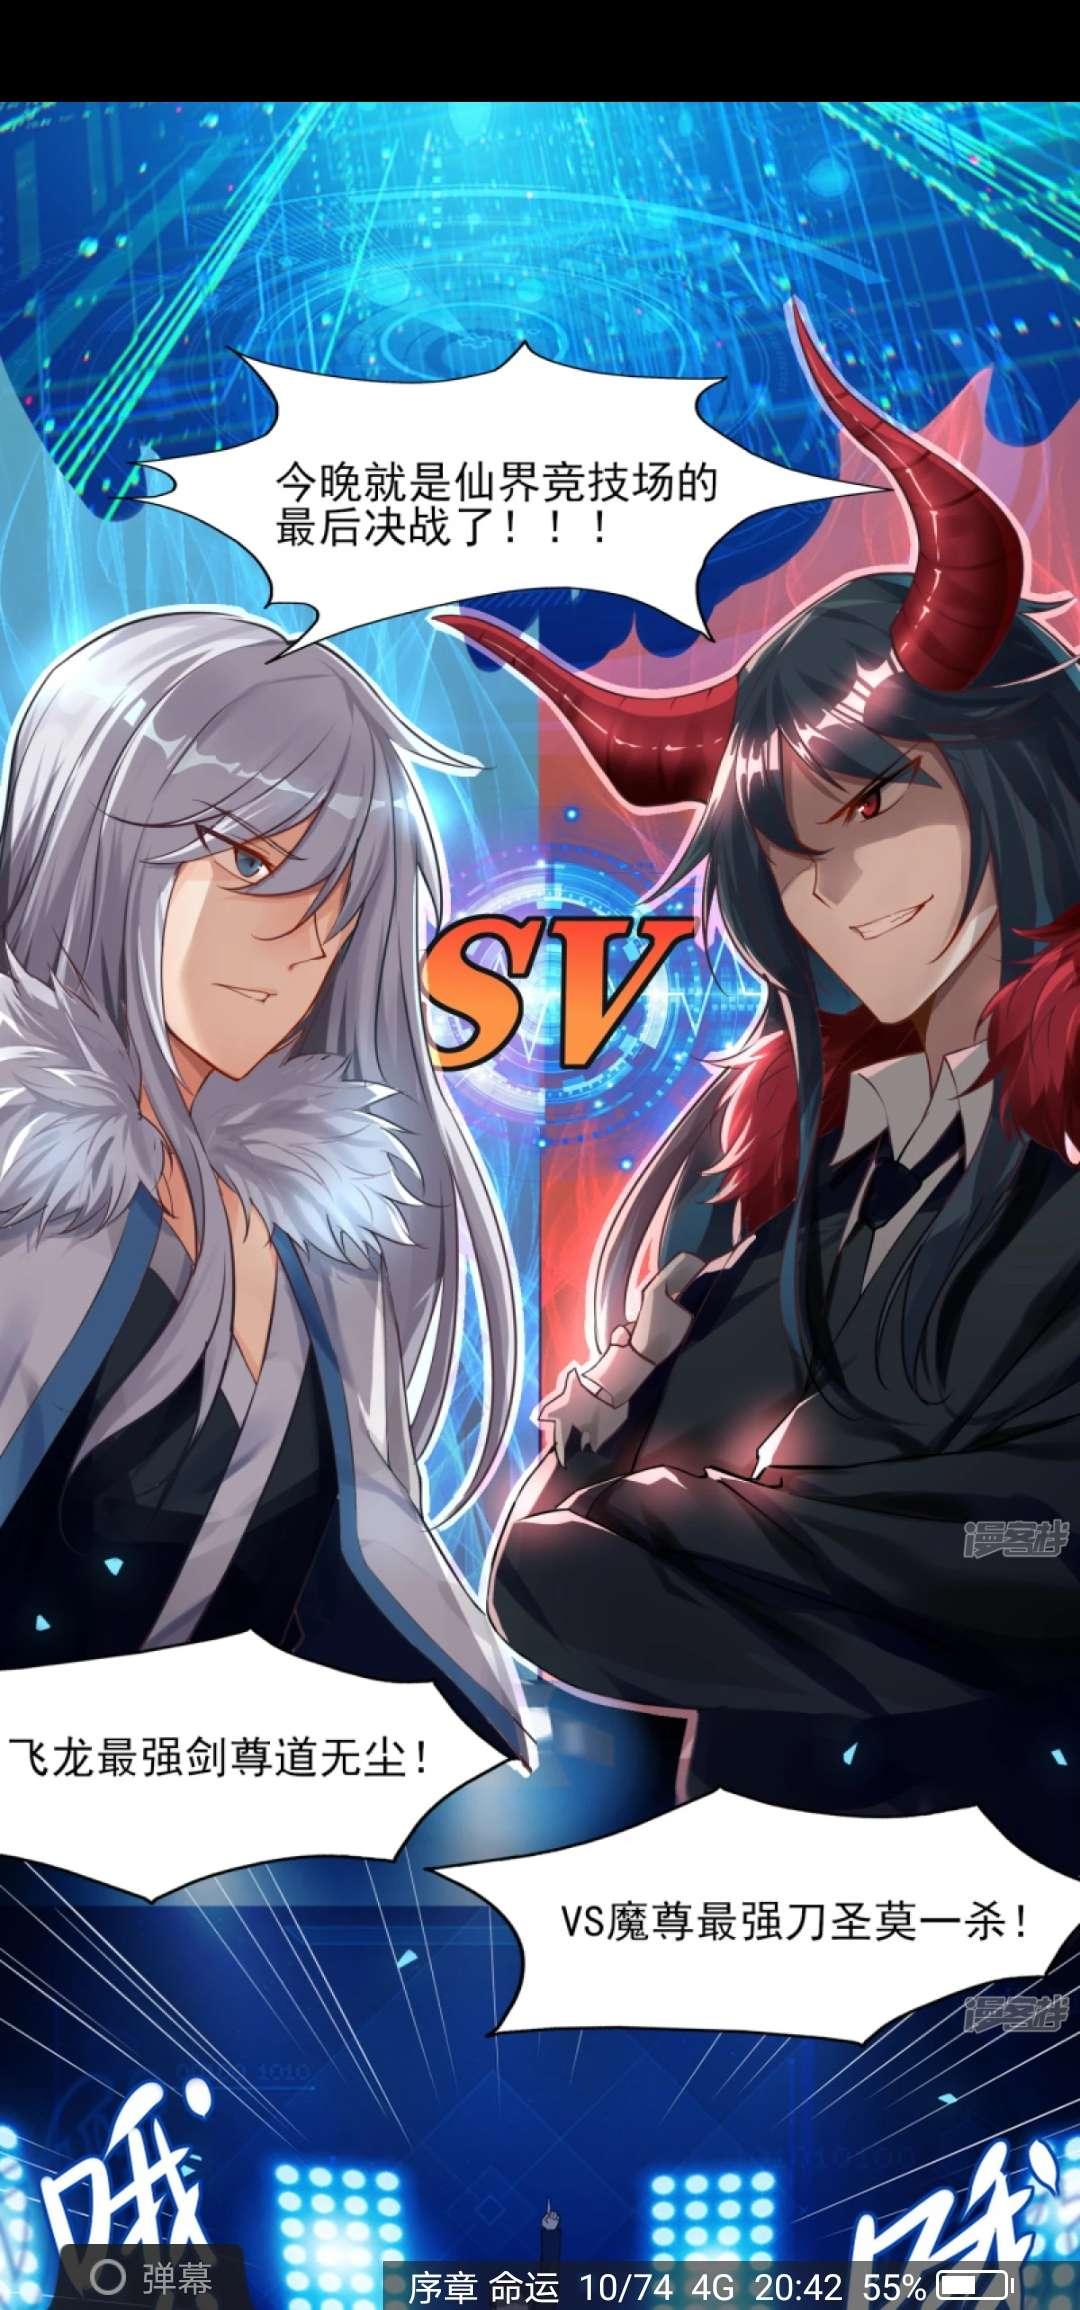 【漫画更新】剑仁,男主满级穿越异界动漫